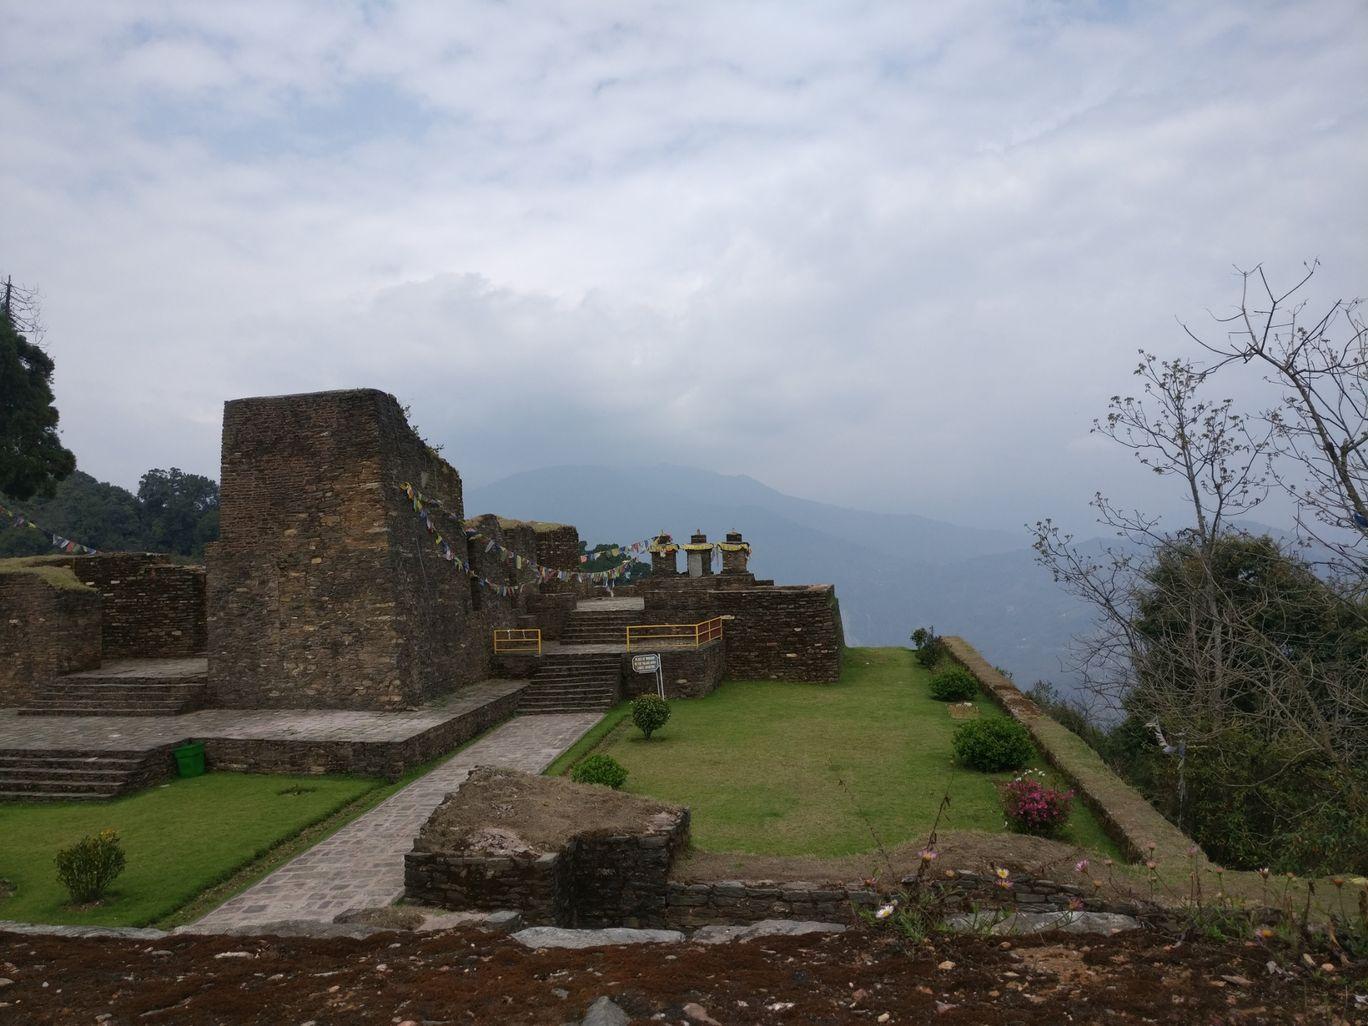 Photo of Rabdentse Ruins By Hari Chandu Vakacharla